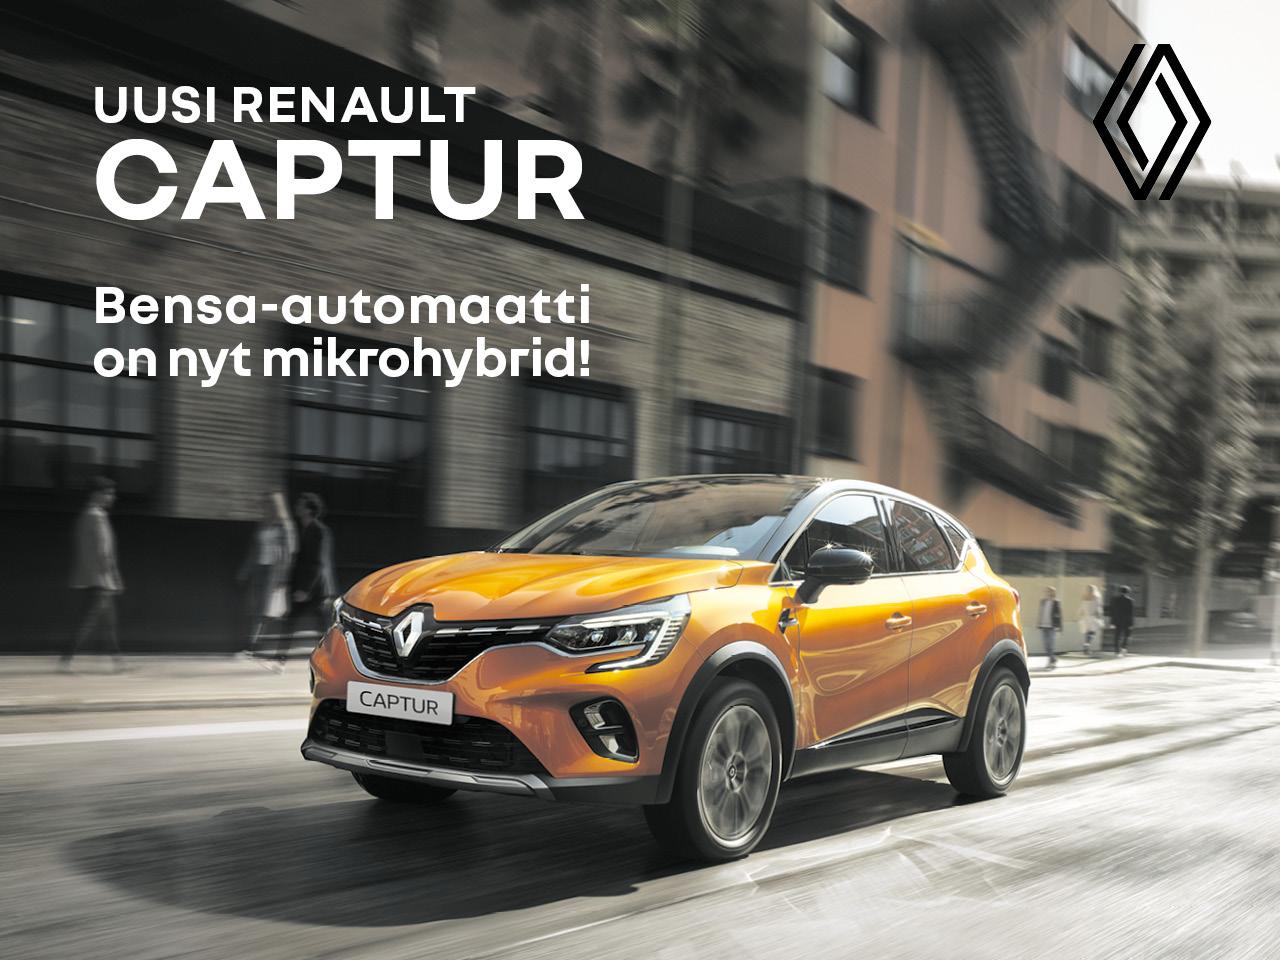 Renault Captur - bensa-automaatti on nyt mikrohybridi!